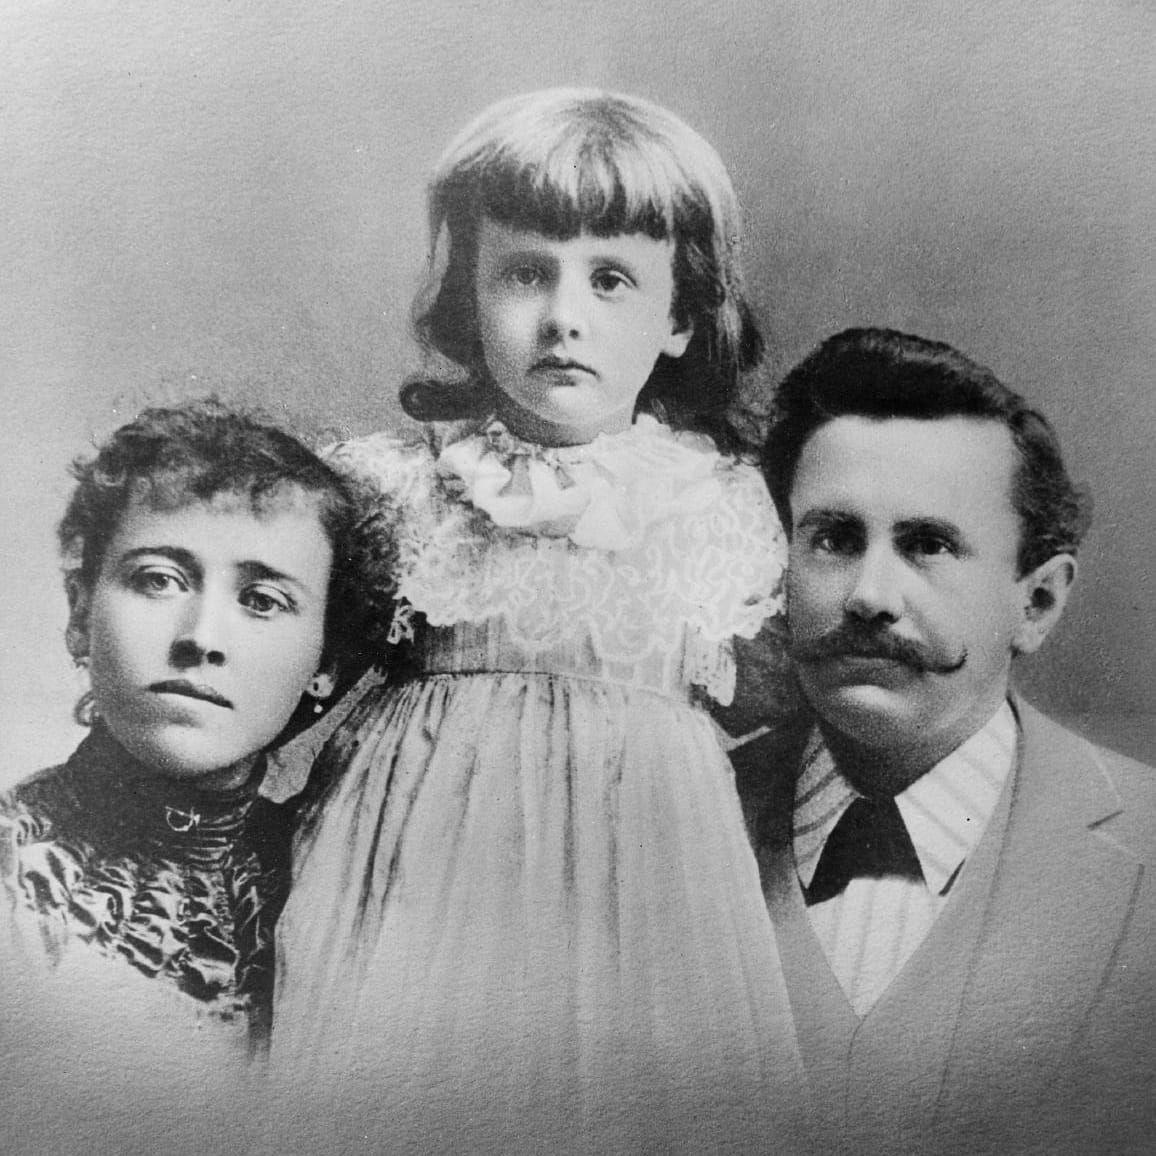 Уильям Сидни Портер (О. Генри) с женой Атоль и дочерью Маргарет. Источник: wikipedia.org